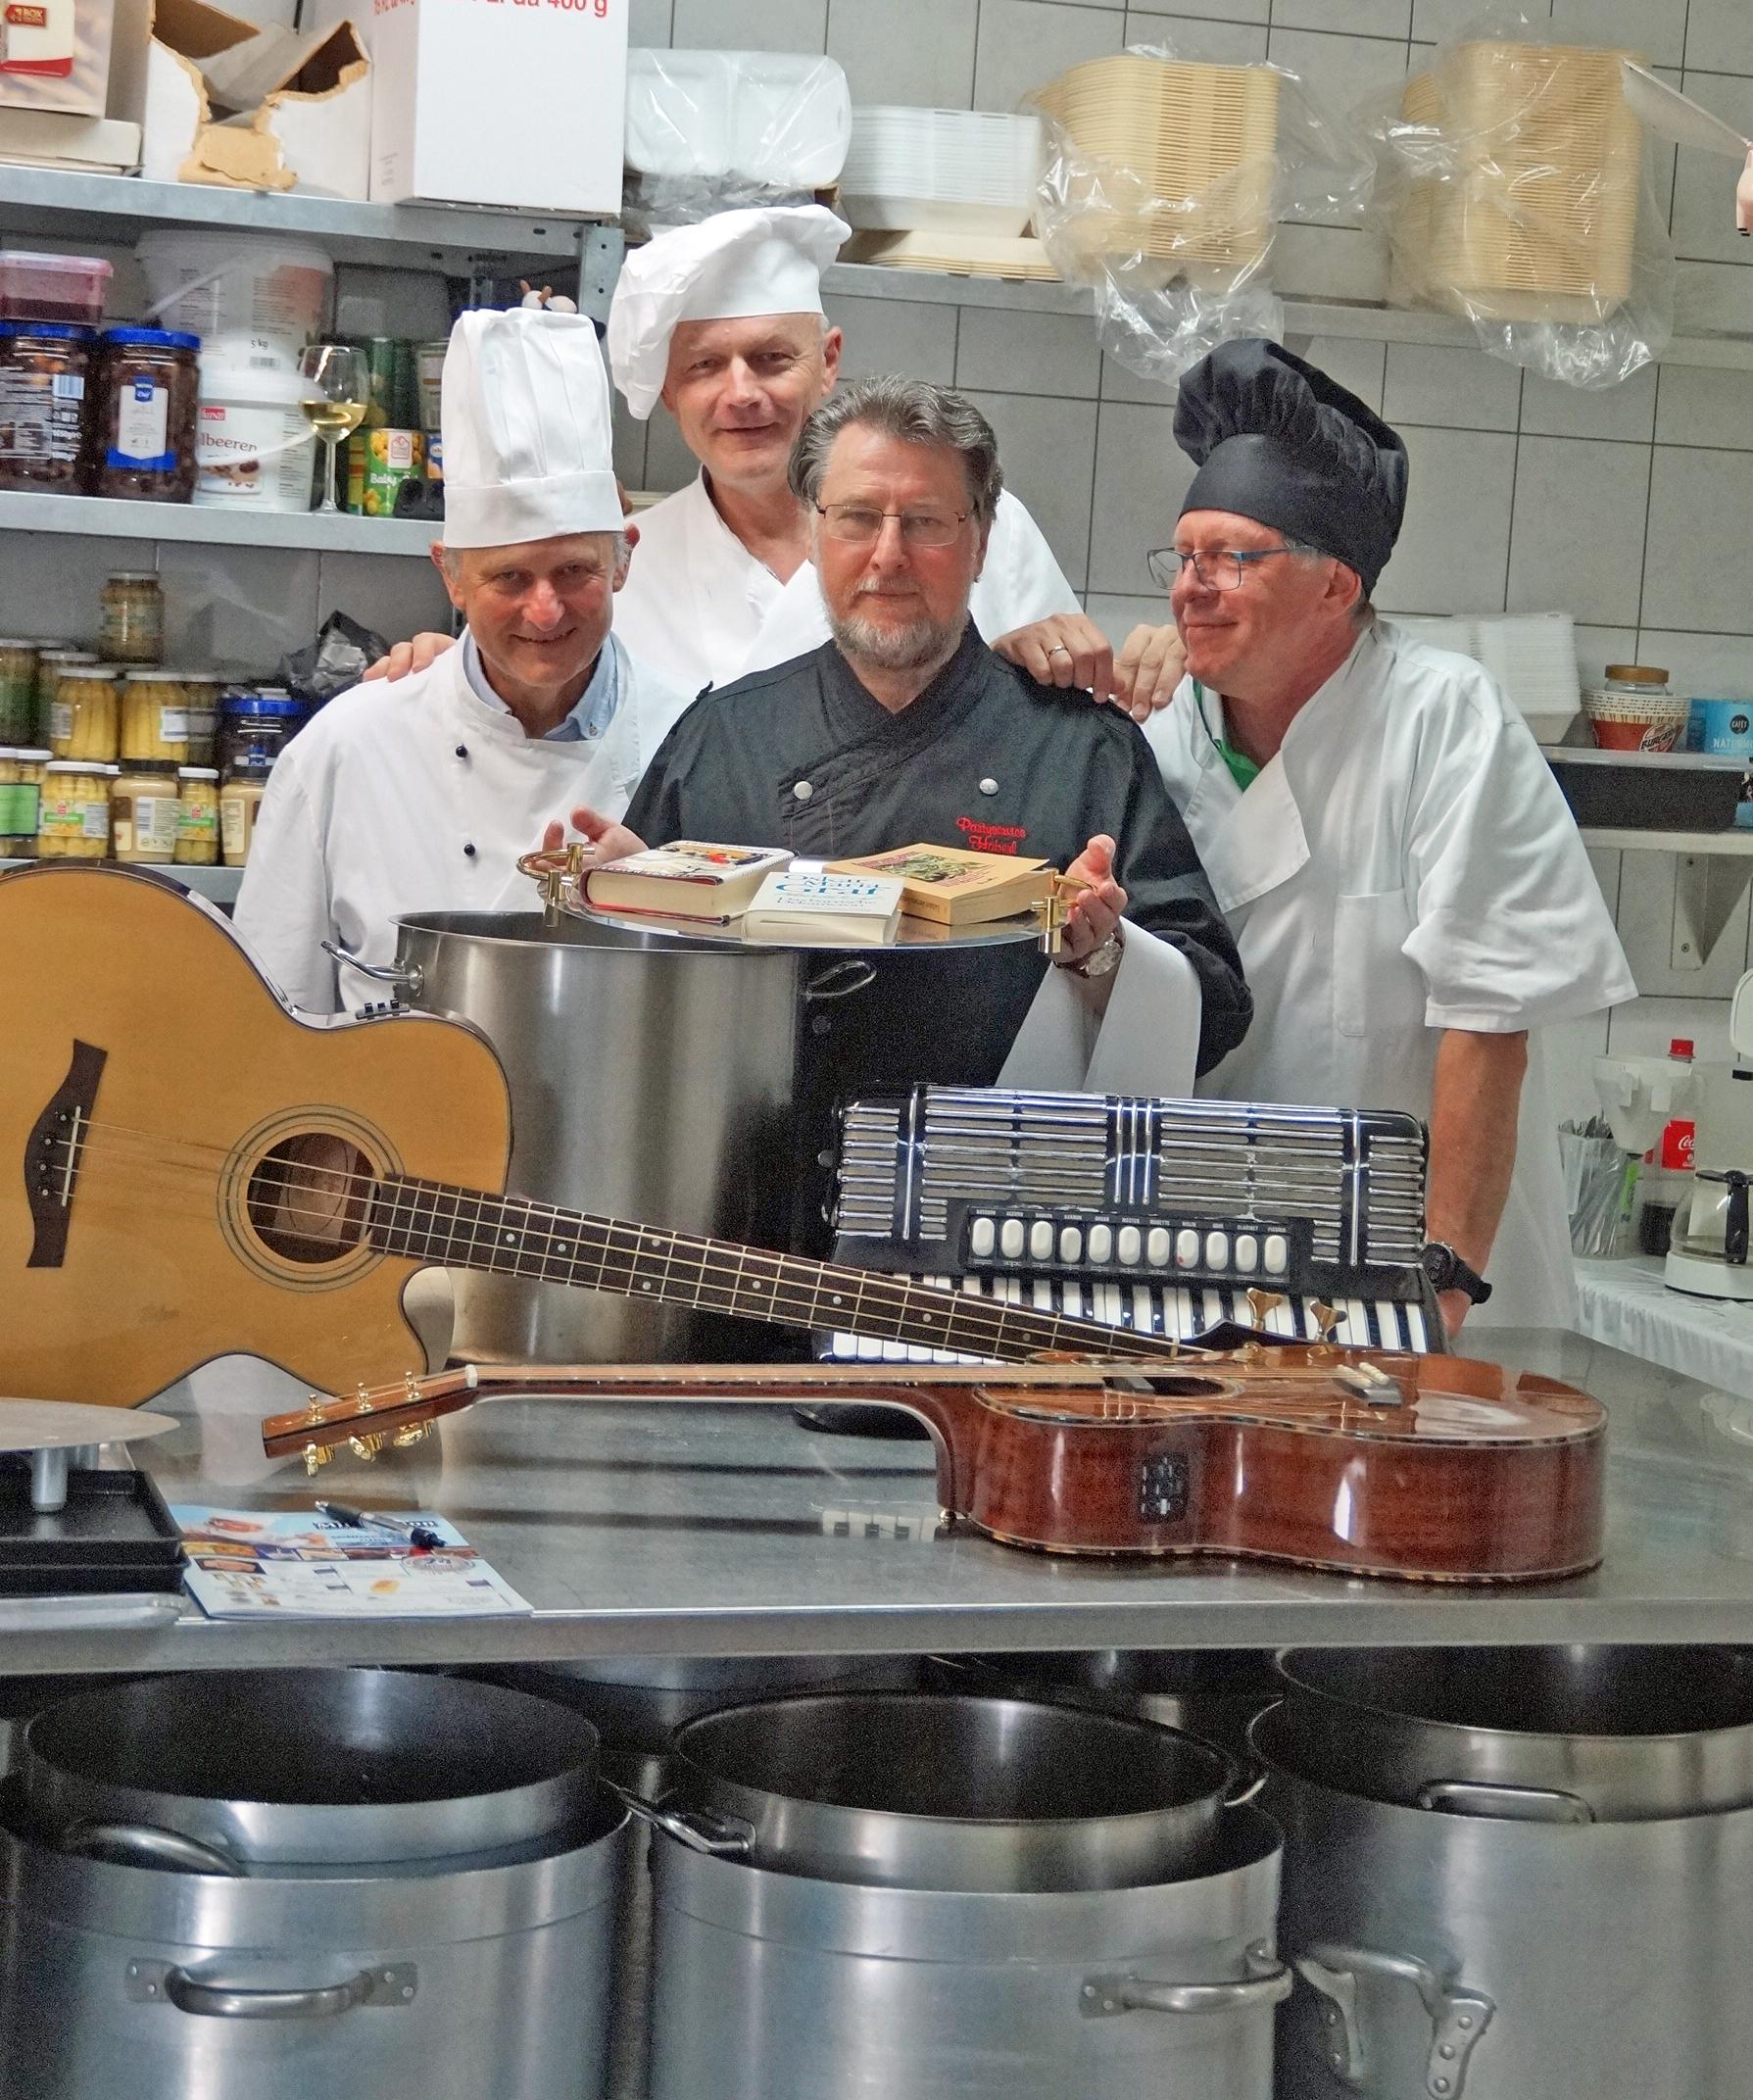 Ein köstliches Satire & Musik-Menue servieren die Vier Unverdorbenen in der Alten Seilerei (v. re.) Klaus Götze, Karl Stumpfi, Jürgen Zach und Franz Schöberl. Foto: Grassmann, NT